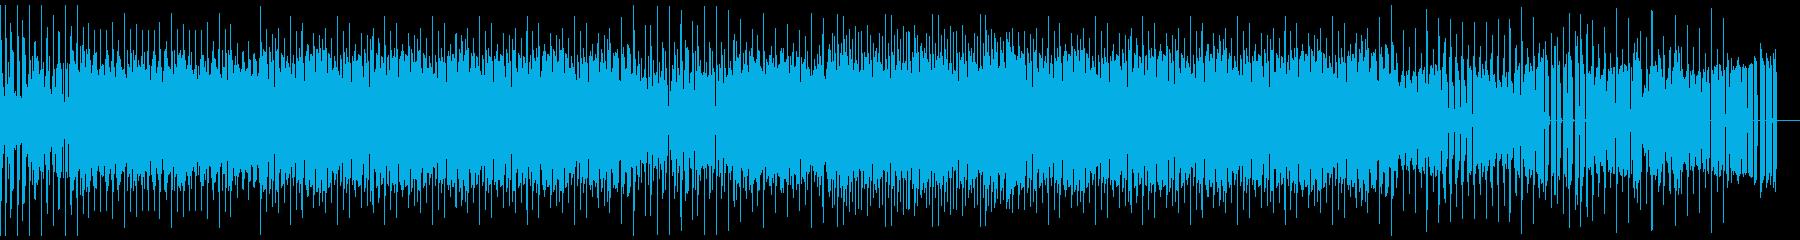 4つ打ちファンクテーマの再生済みの波形